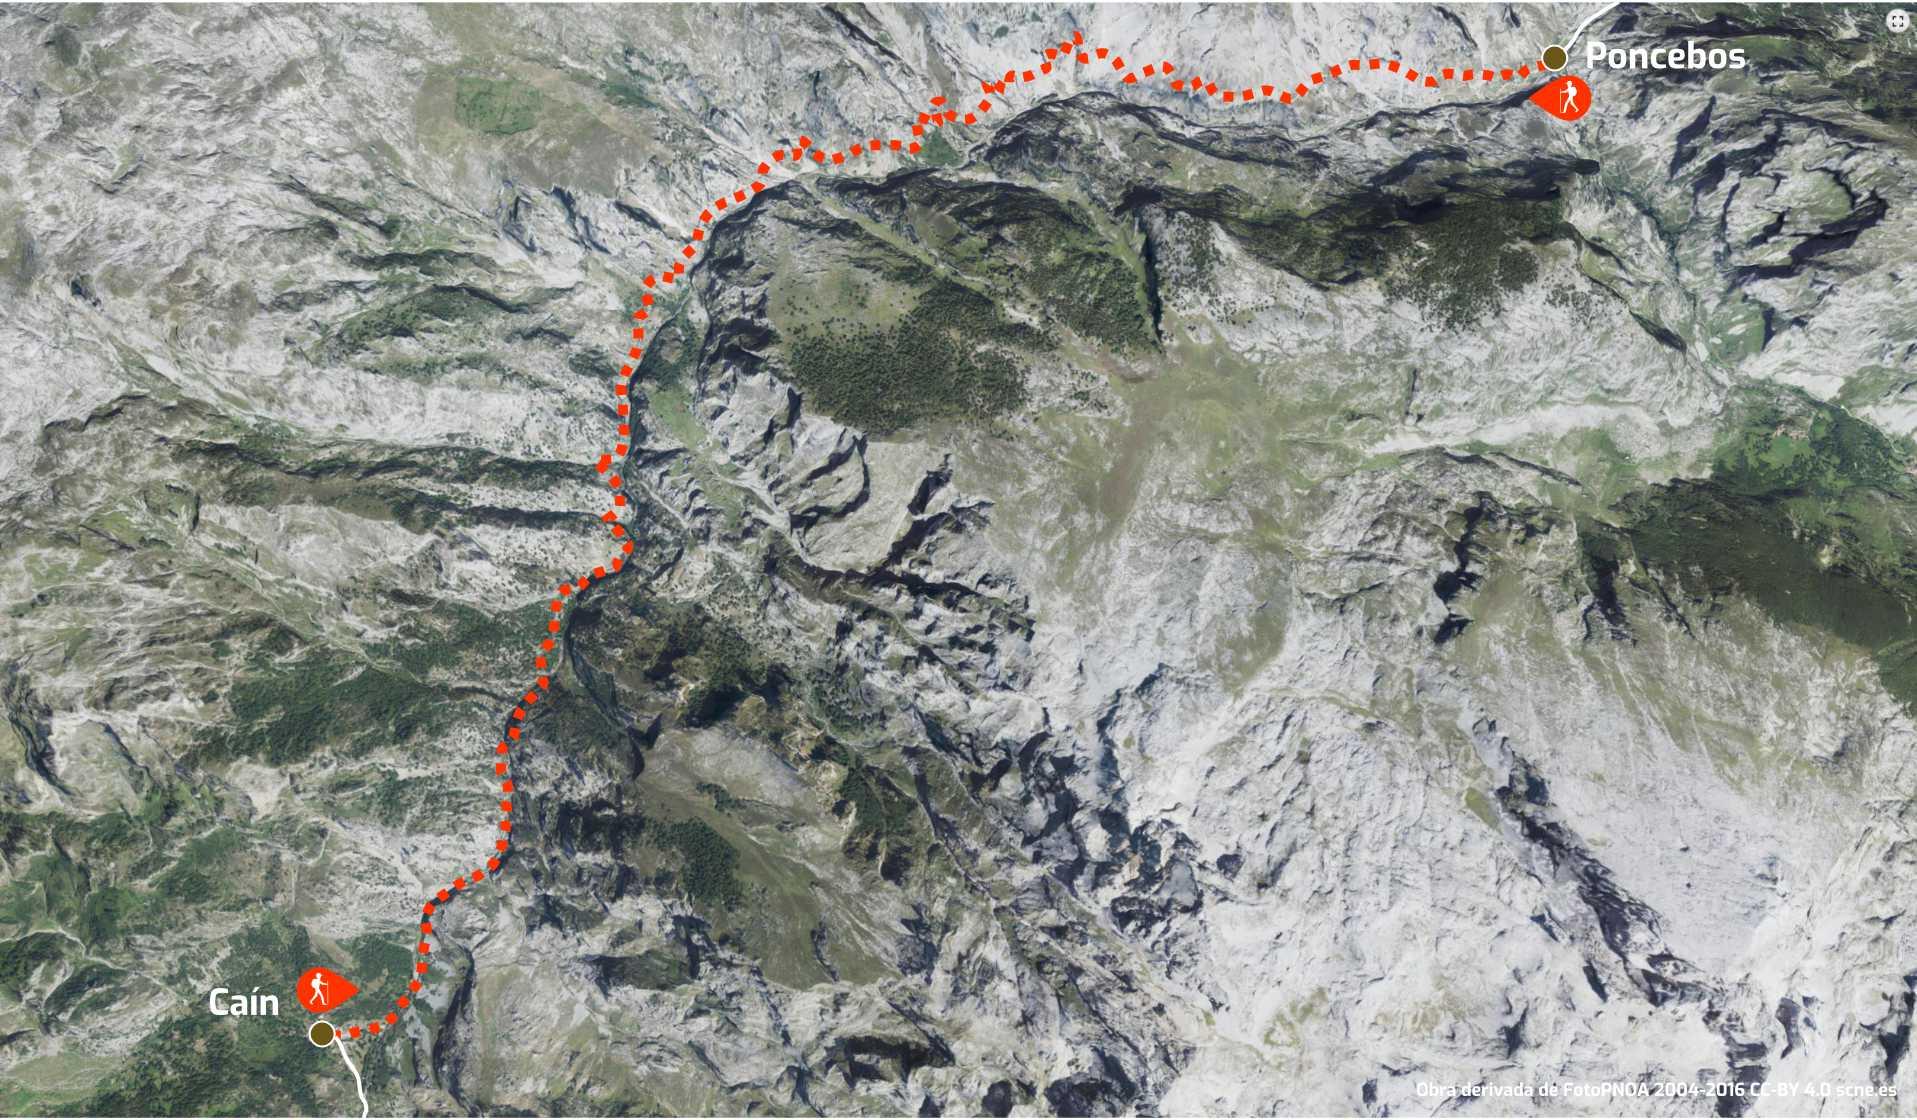 Mapa del itinerario de la Ruta o Senda del Cares entre Poncebos (Asturias) y Cain (León)